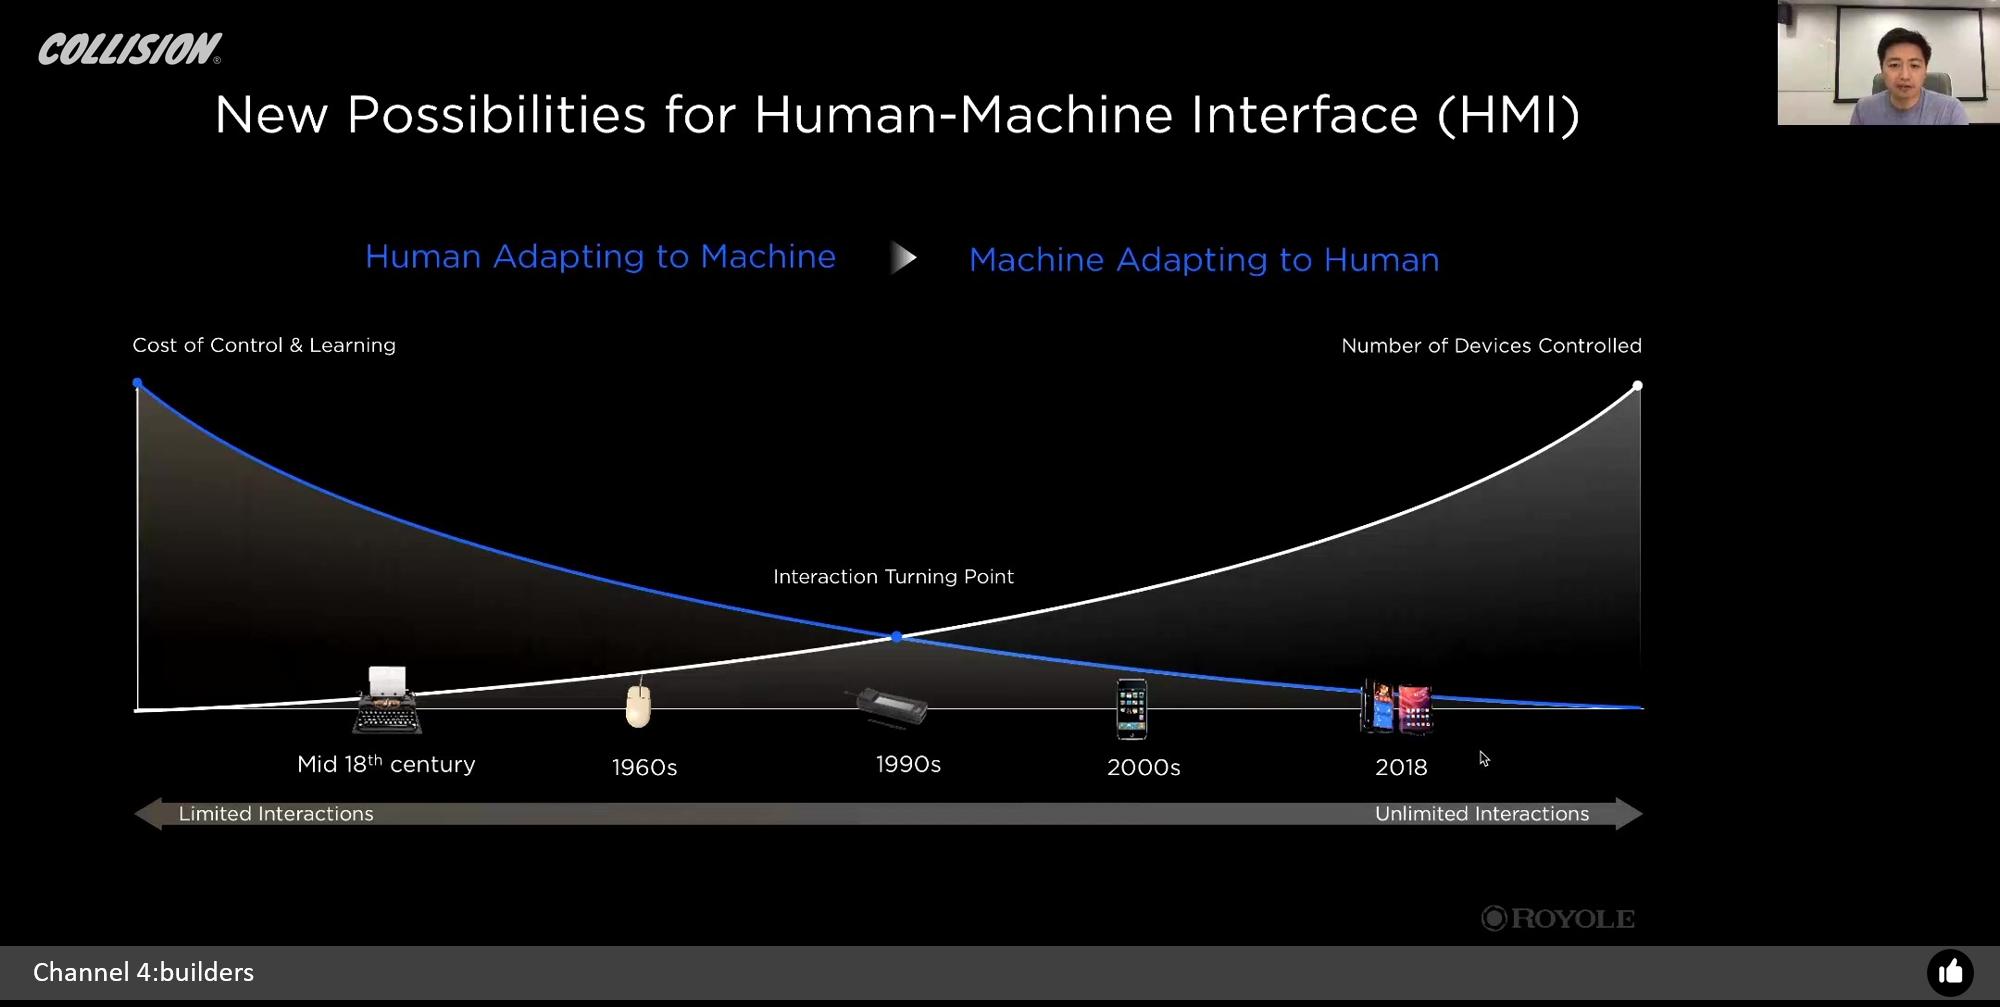 图3:刘自鸿博士向全球观众展示柔性电子技术为人机交互创造另一可能